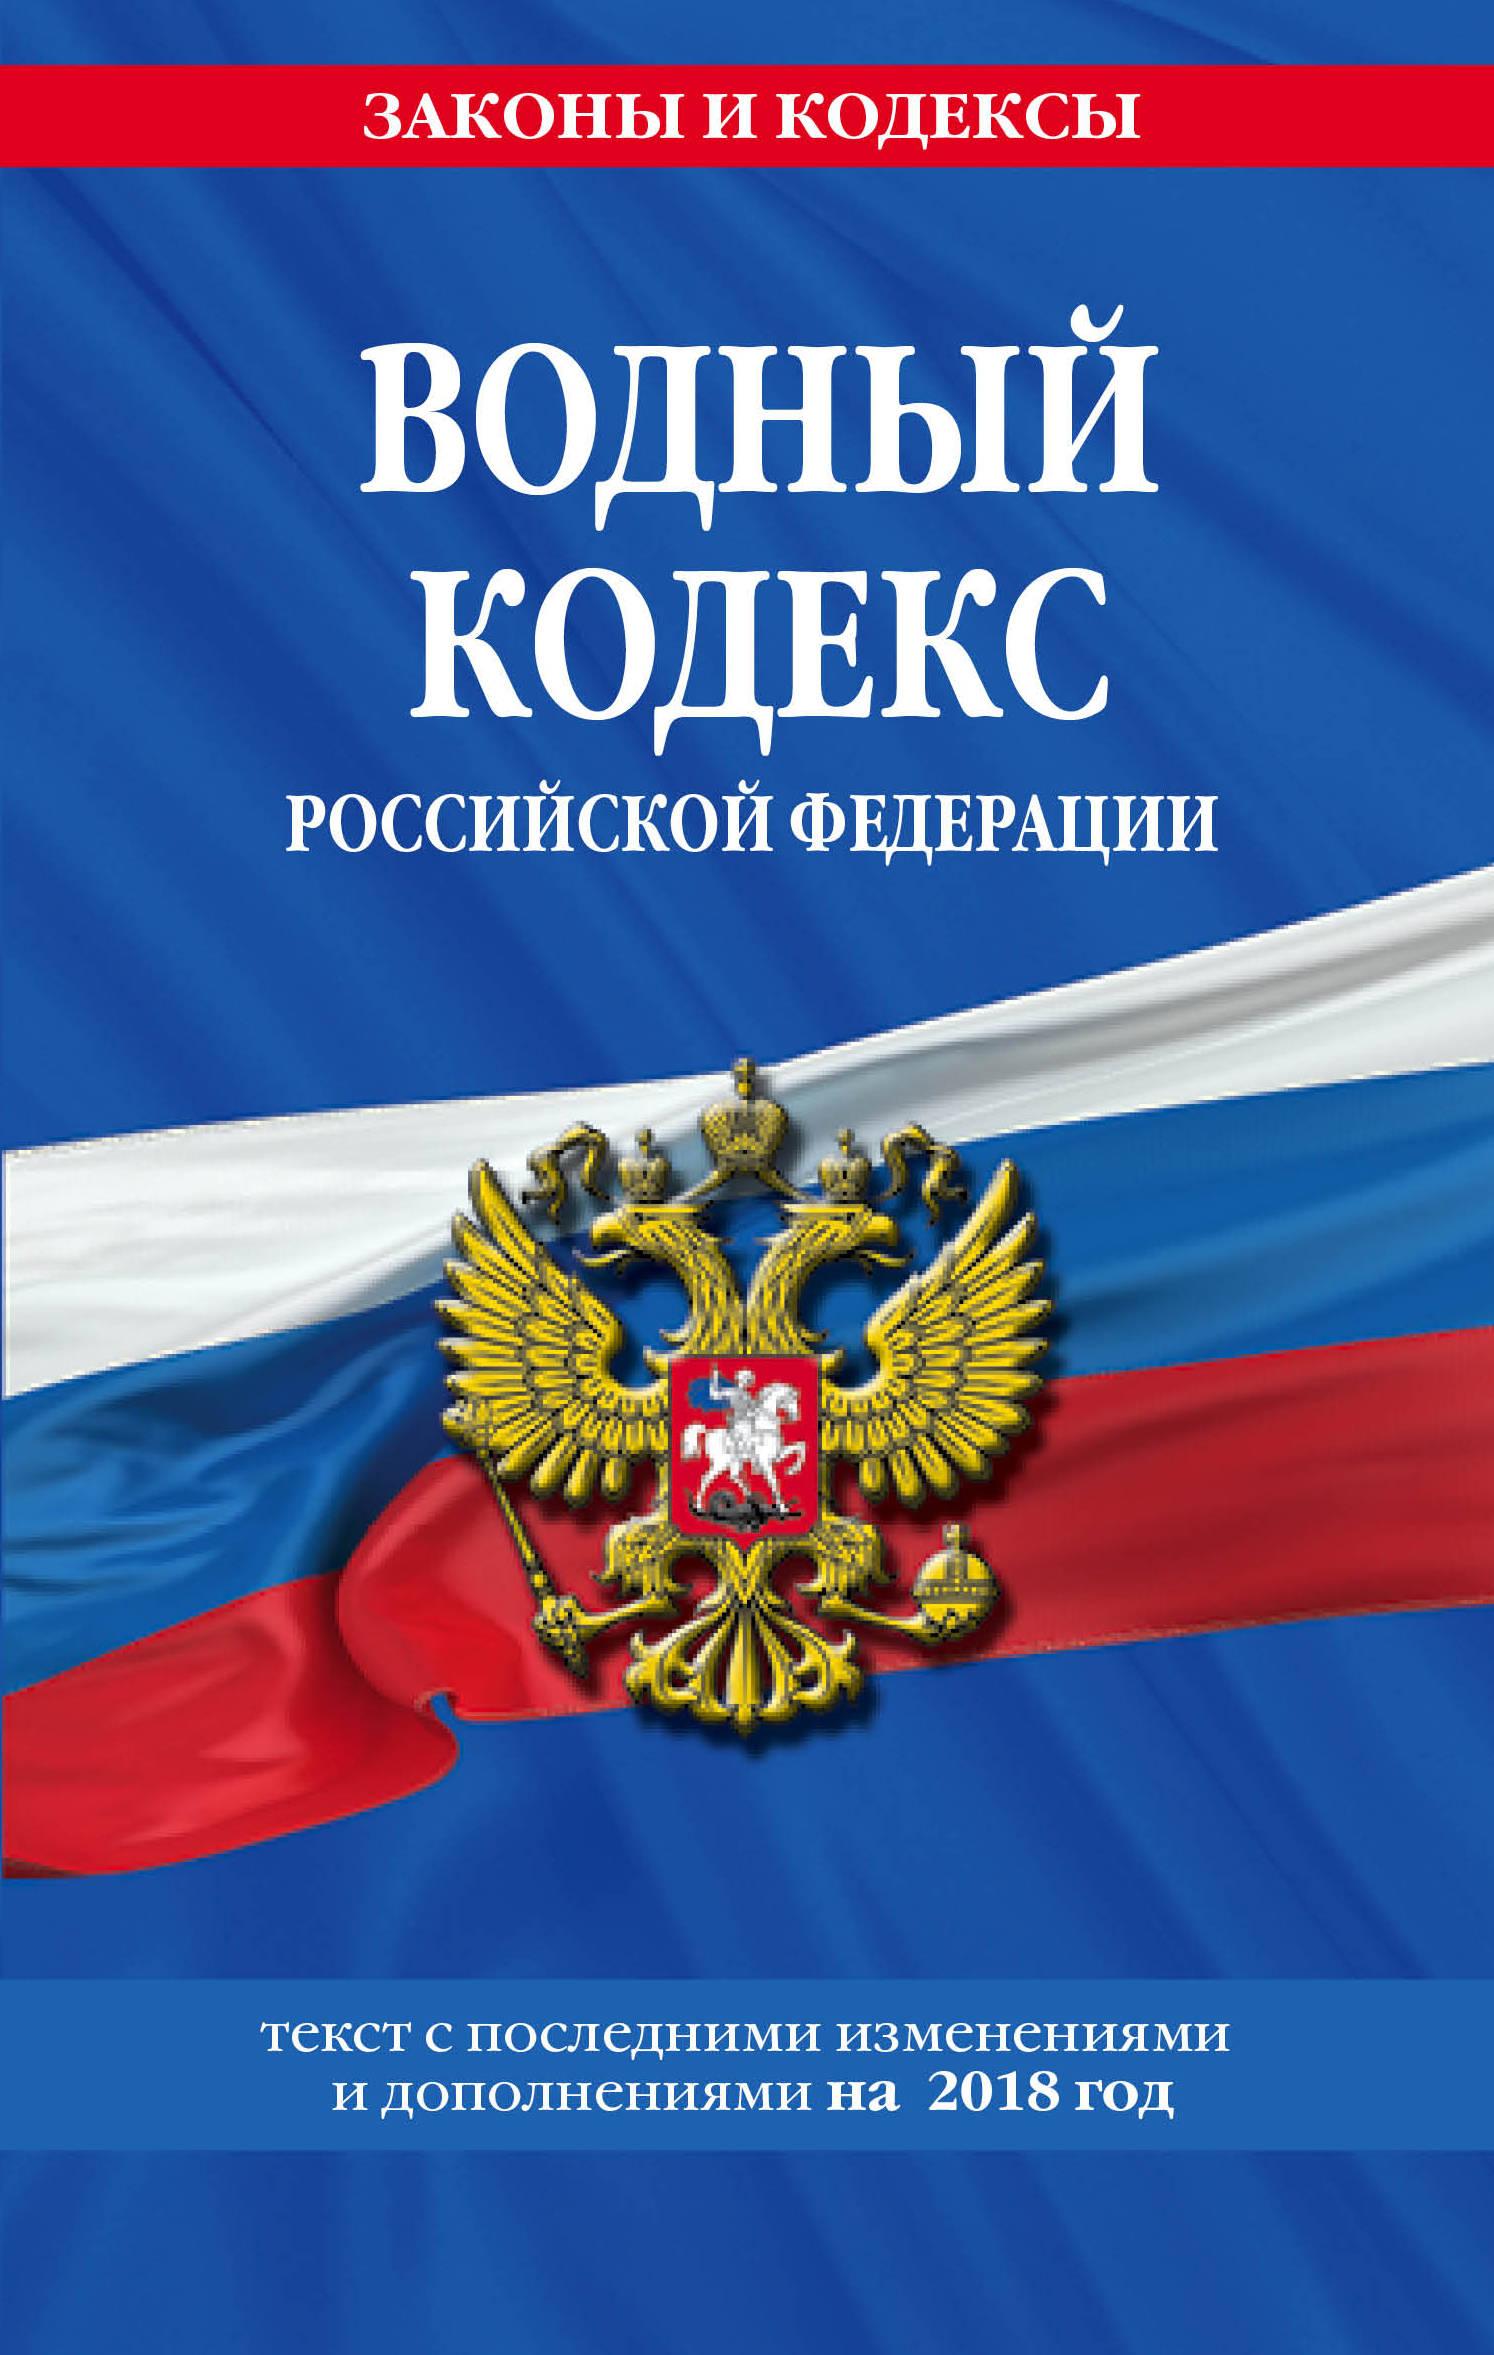 Водный кодекс Российской Федерации: текст с посл. изм. и доп. на 2018 г.